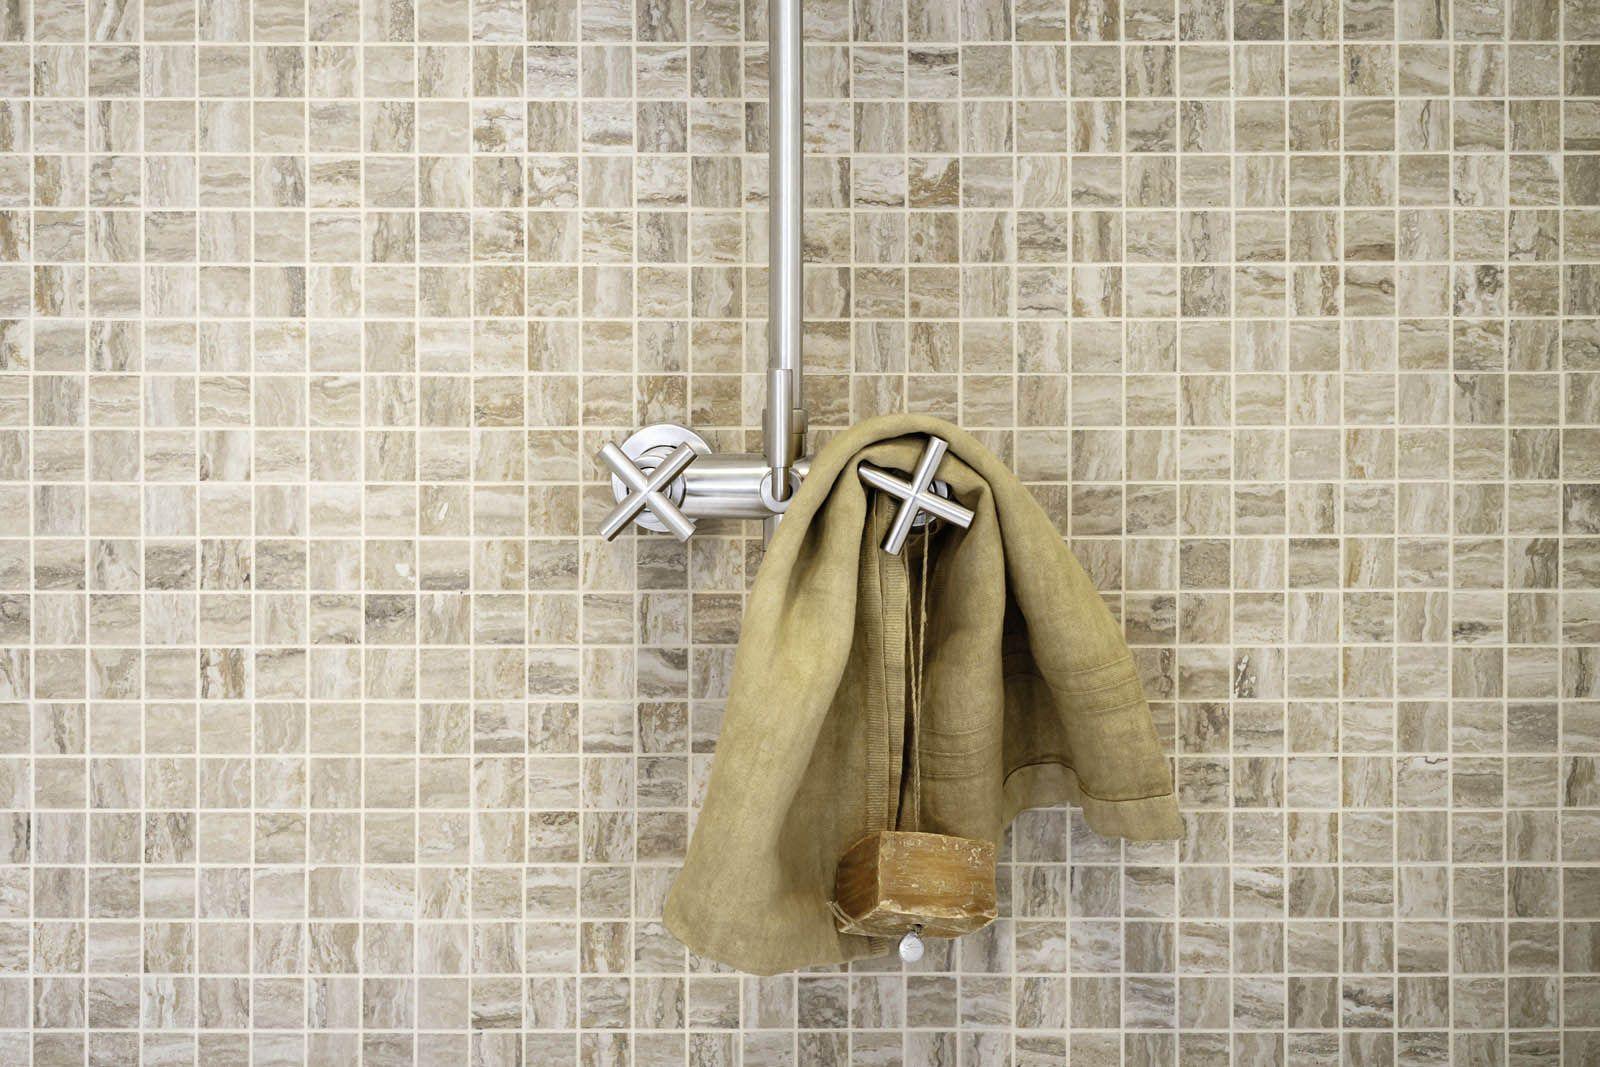 Piastrelle a mosaico per bagno e altri ambienti | Marazzi | Bathroom ...